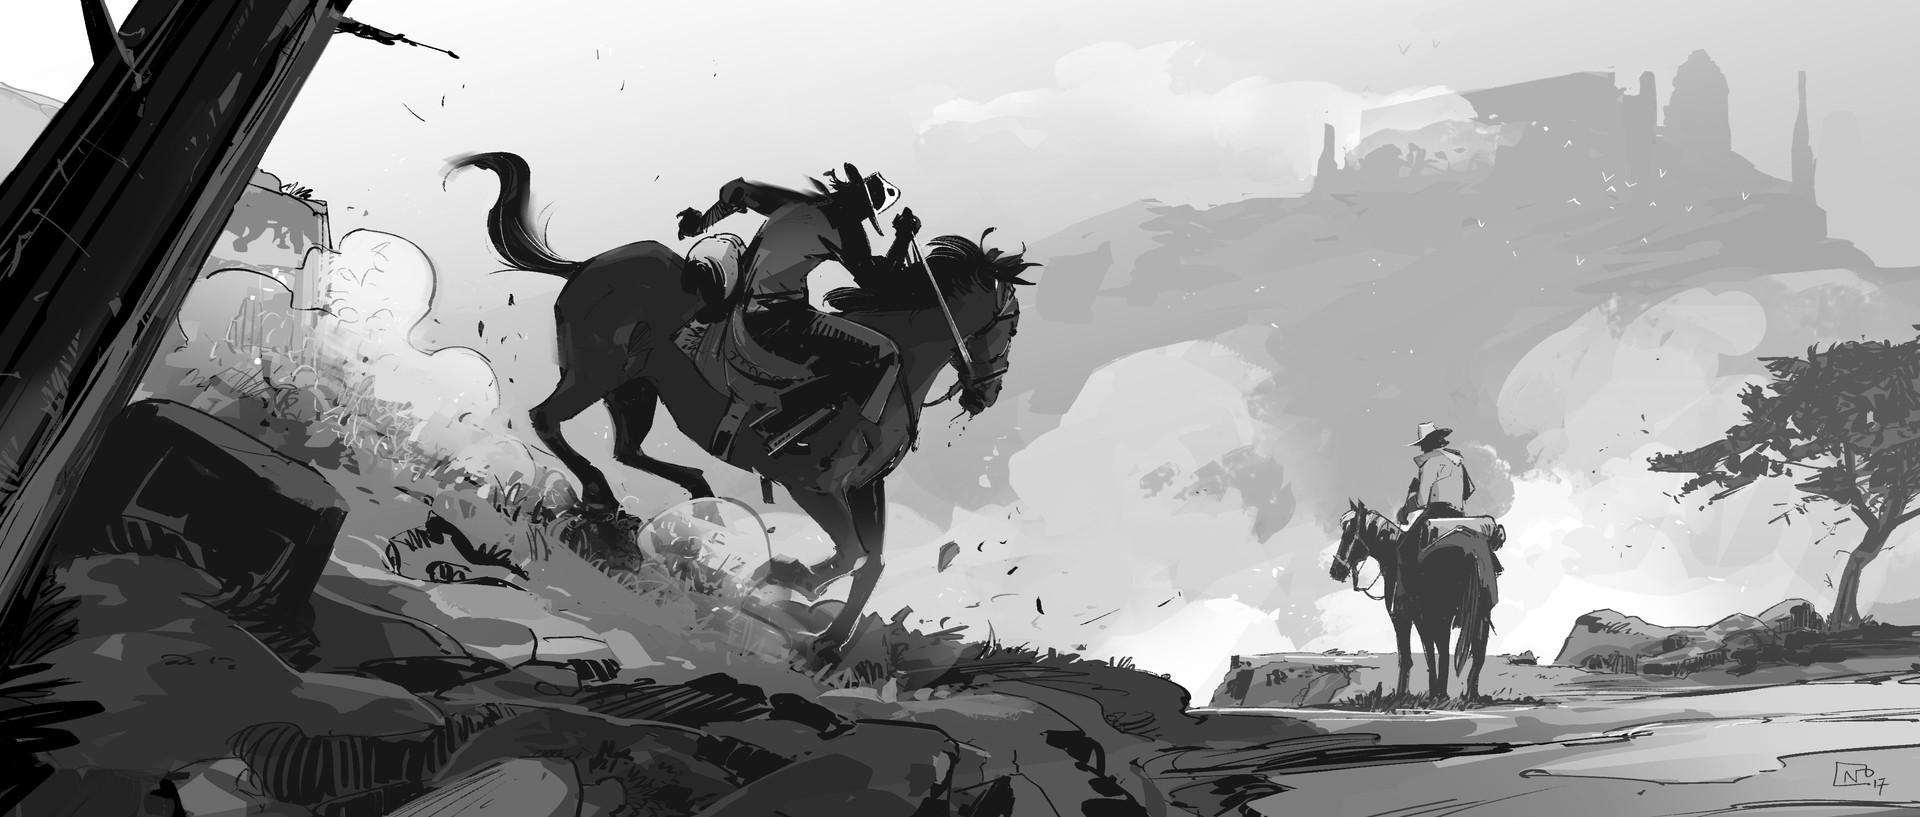 Nicolas petrimaux horsemen